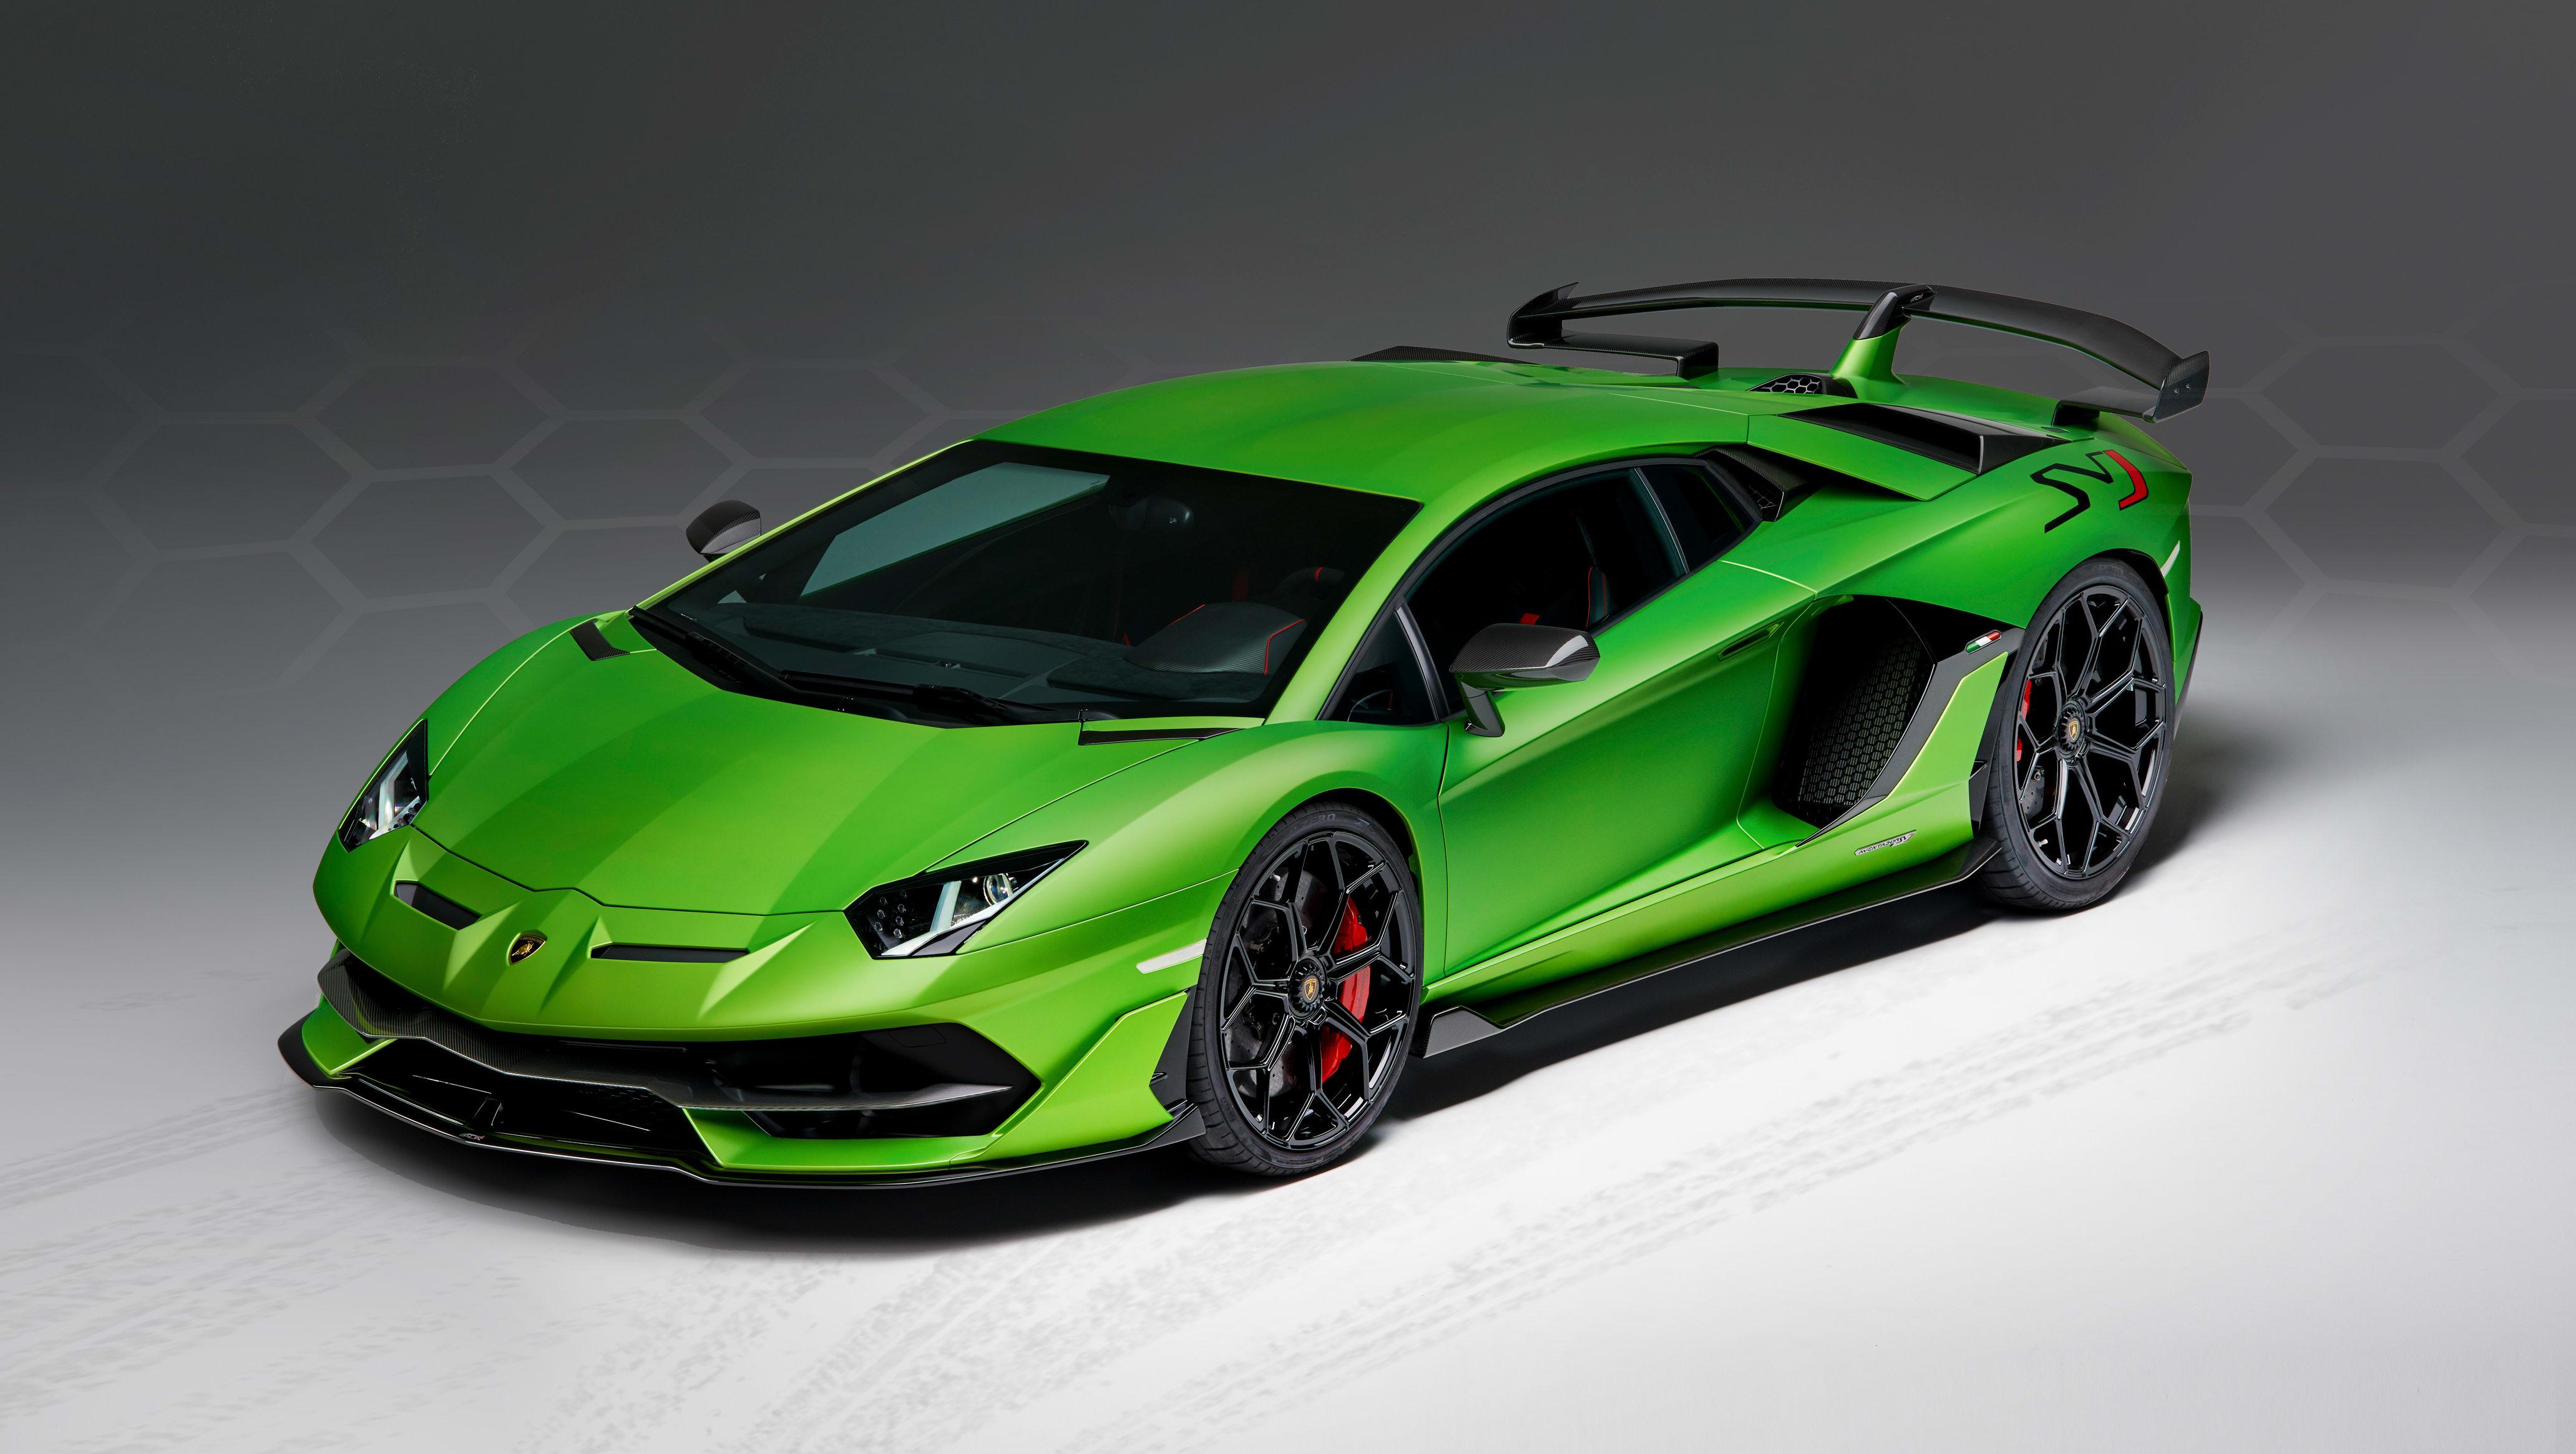 How Much Is A Lamborghini Veneno >> Lamborghini Aventador Svj 2019 Pricing And Spec Revealed